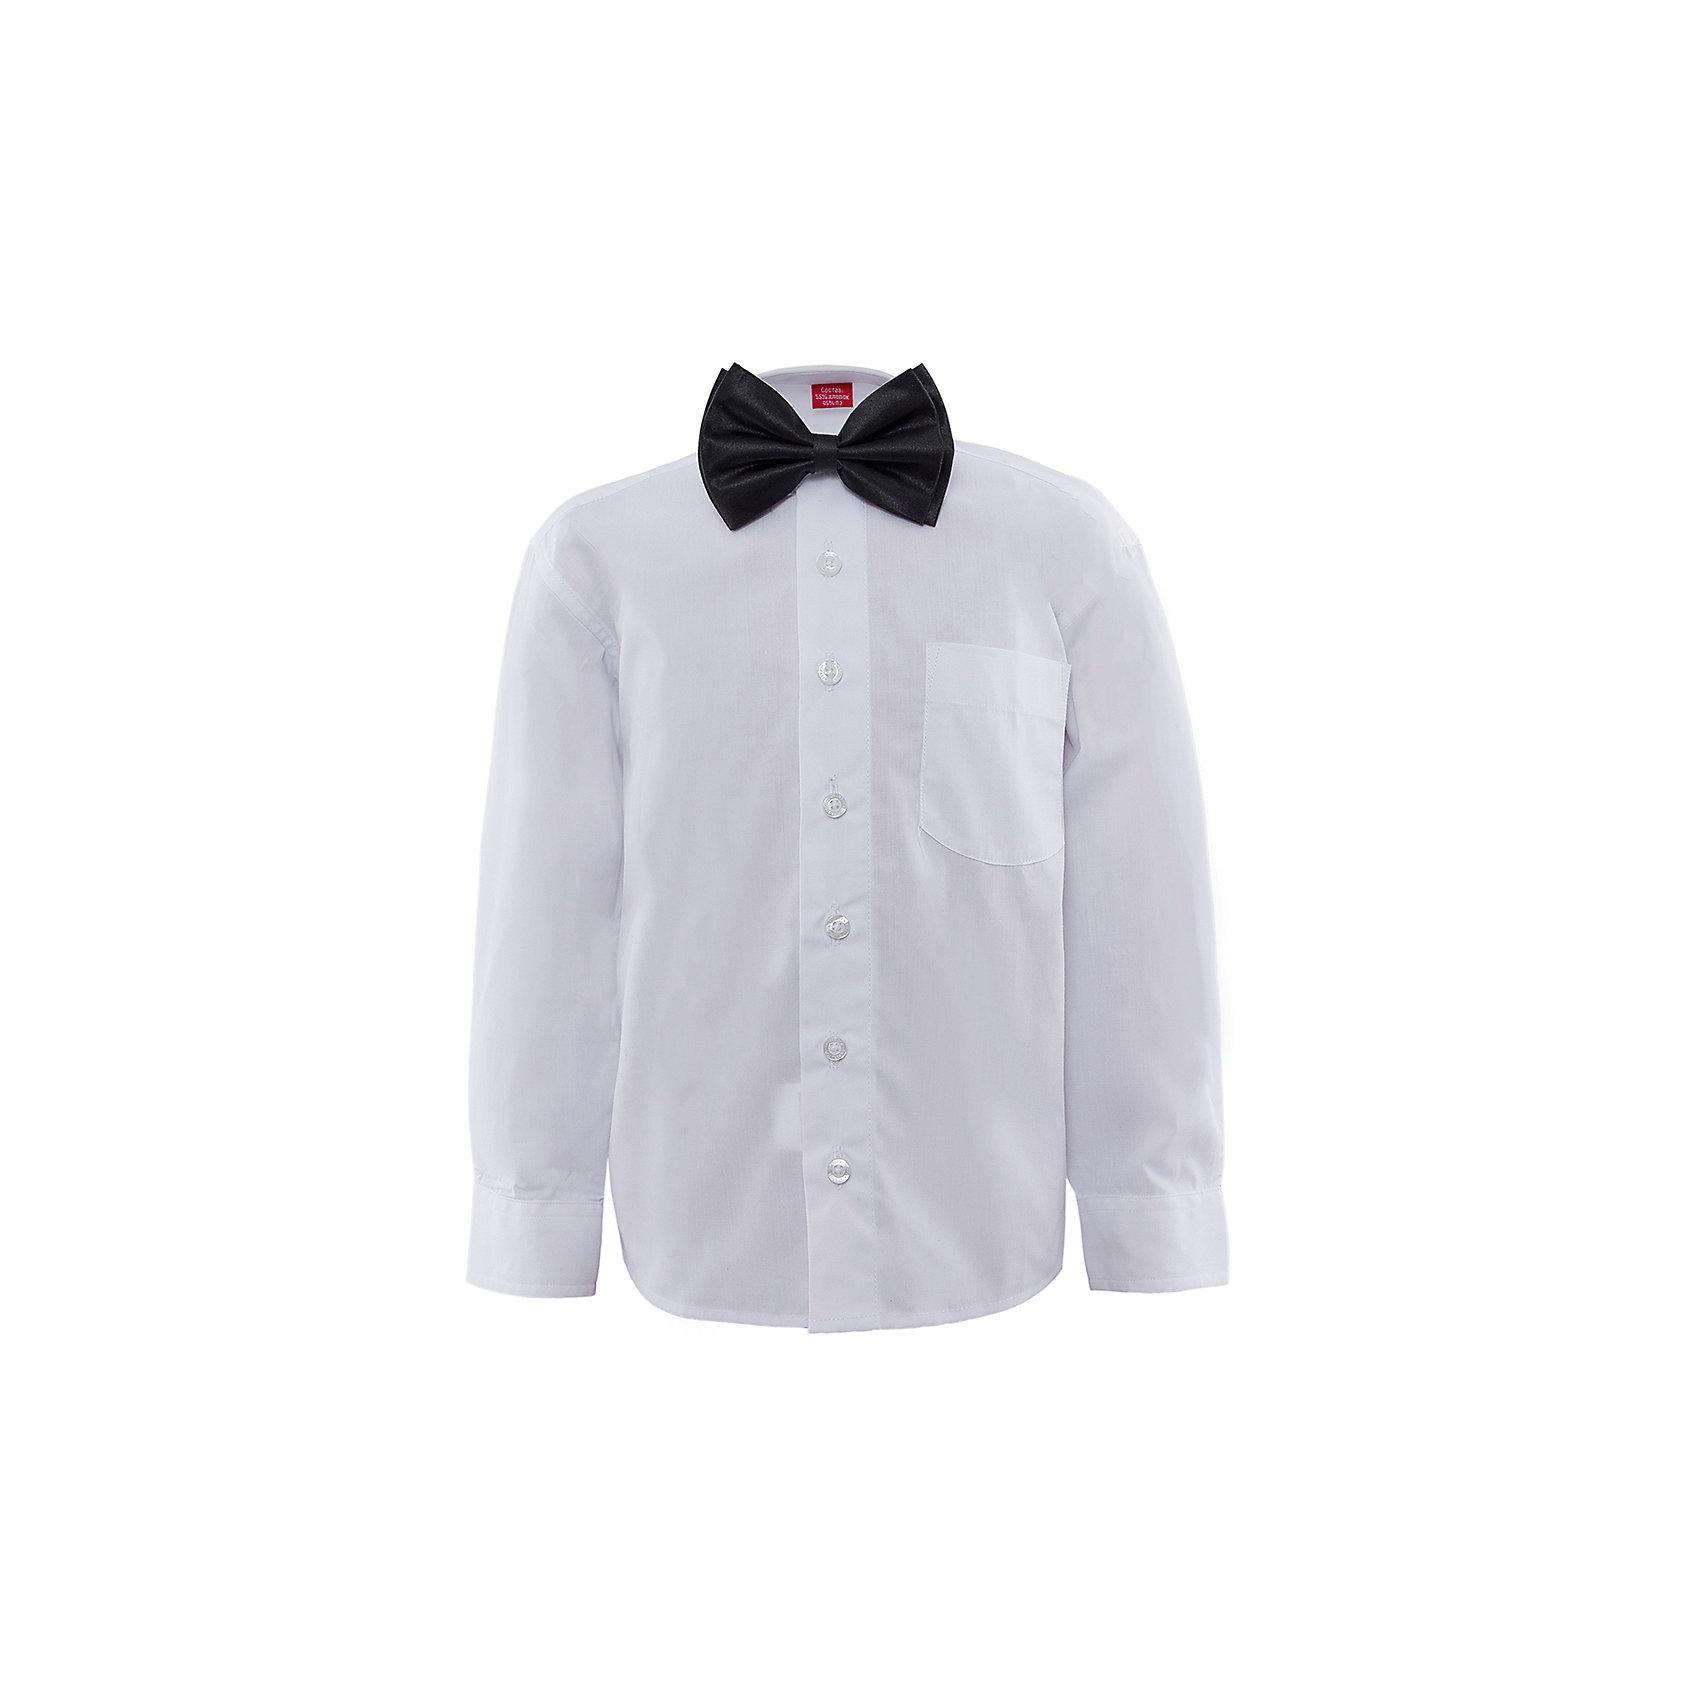 Рубашка с бабочкой для мальчика ImperatorОдежда<br>Рубашка с бабочкой для мальчика от известного бренда Imperator.<br><br>Потрясающий комплект включает в себя белую сорочку и черную бабочку. Идеальный вариант для праздника. Пусть самый юный богатырь выглядит, как серьезный, взрослый, настоящий мужчина! Модель рубашки -классическая, на пуговицах, с отложным воротником. Свободный покрой не стесняет движения и позволяет чувствовать себя комфортно. <br><br>Состав:<br>55 % хлопок, 45% П/Э + 100% п/э<br><br>Ширина мм: 174<br>Глубина мм: 10<br>Высота мм: 169<br>Вес г: 157<br>Цвет: белый<br>Возраст от месяцев: 48<br>Возраст до месяцев: 60<br>Пол: Мужской<br>Возраст: Детский<br>Размер: 104/110,92/98,98/104,110/116,116/122<br>SKU: 4963314